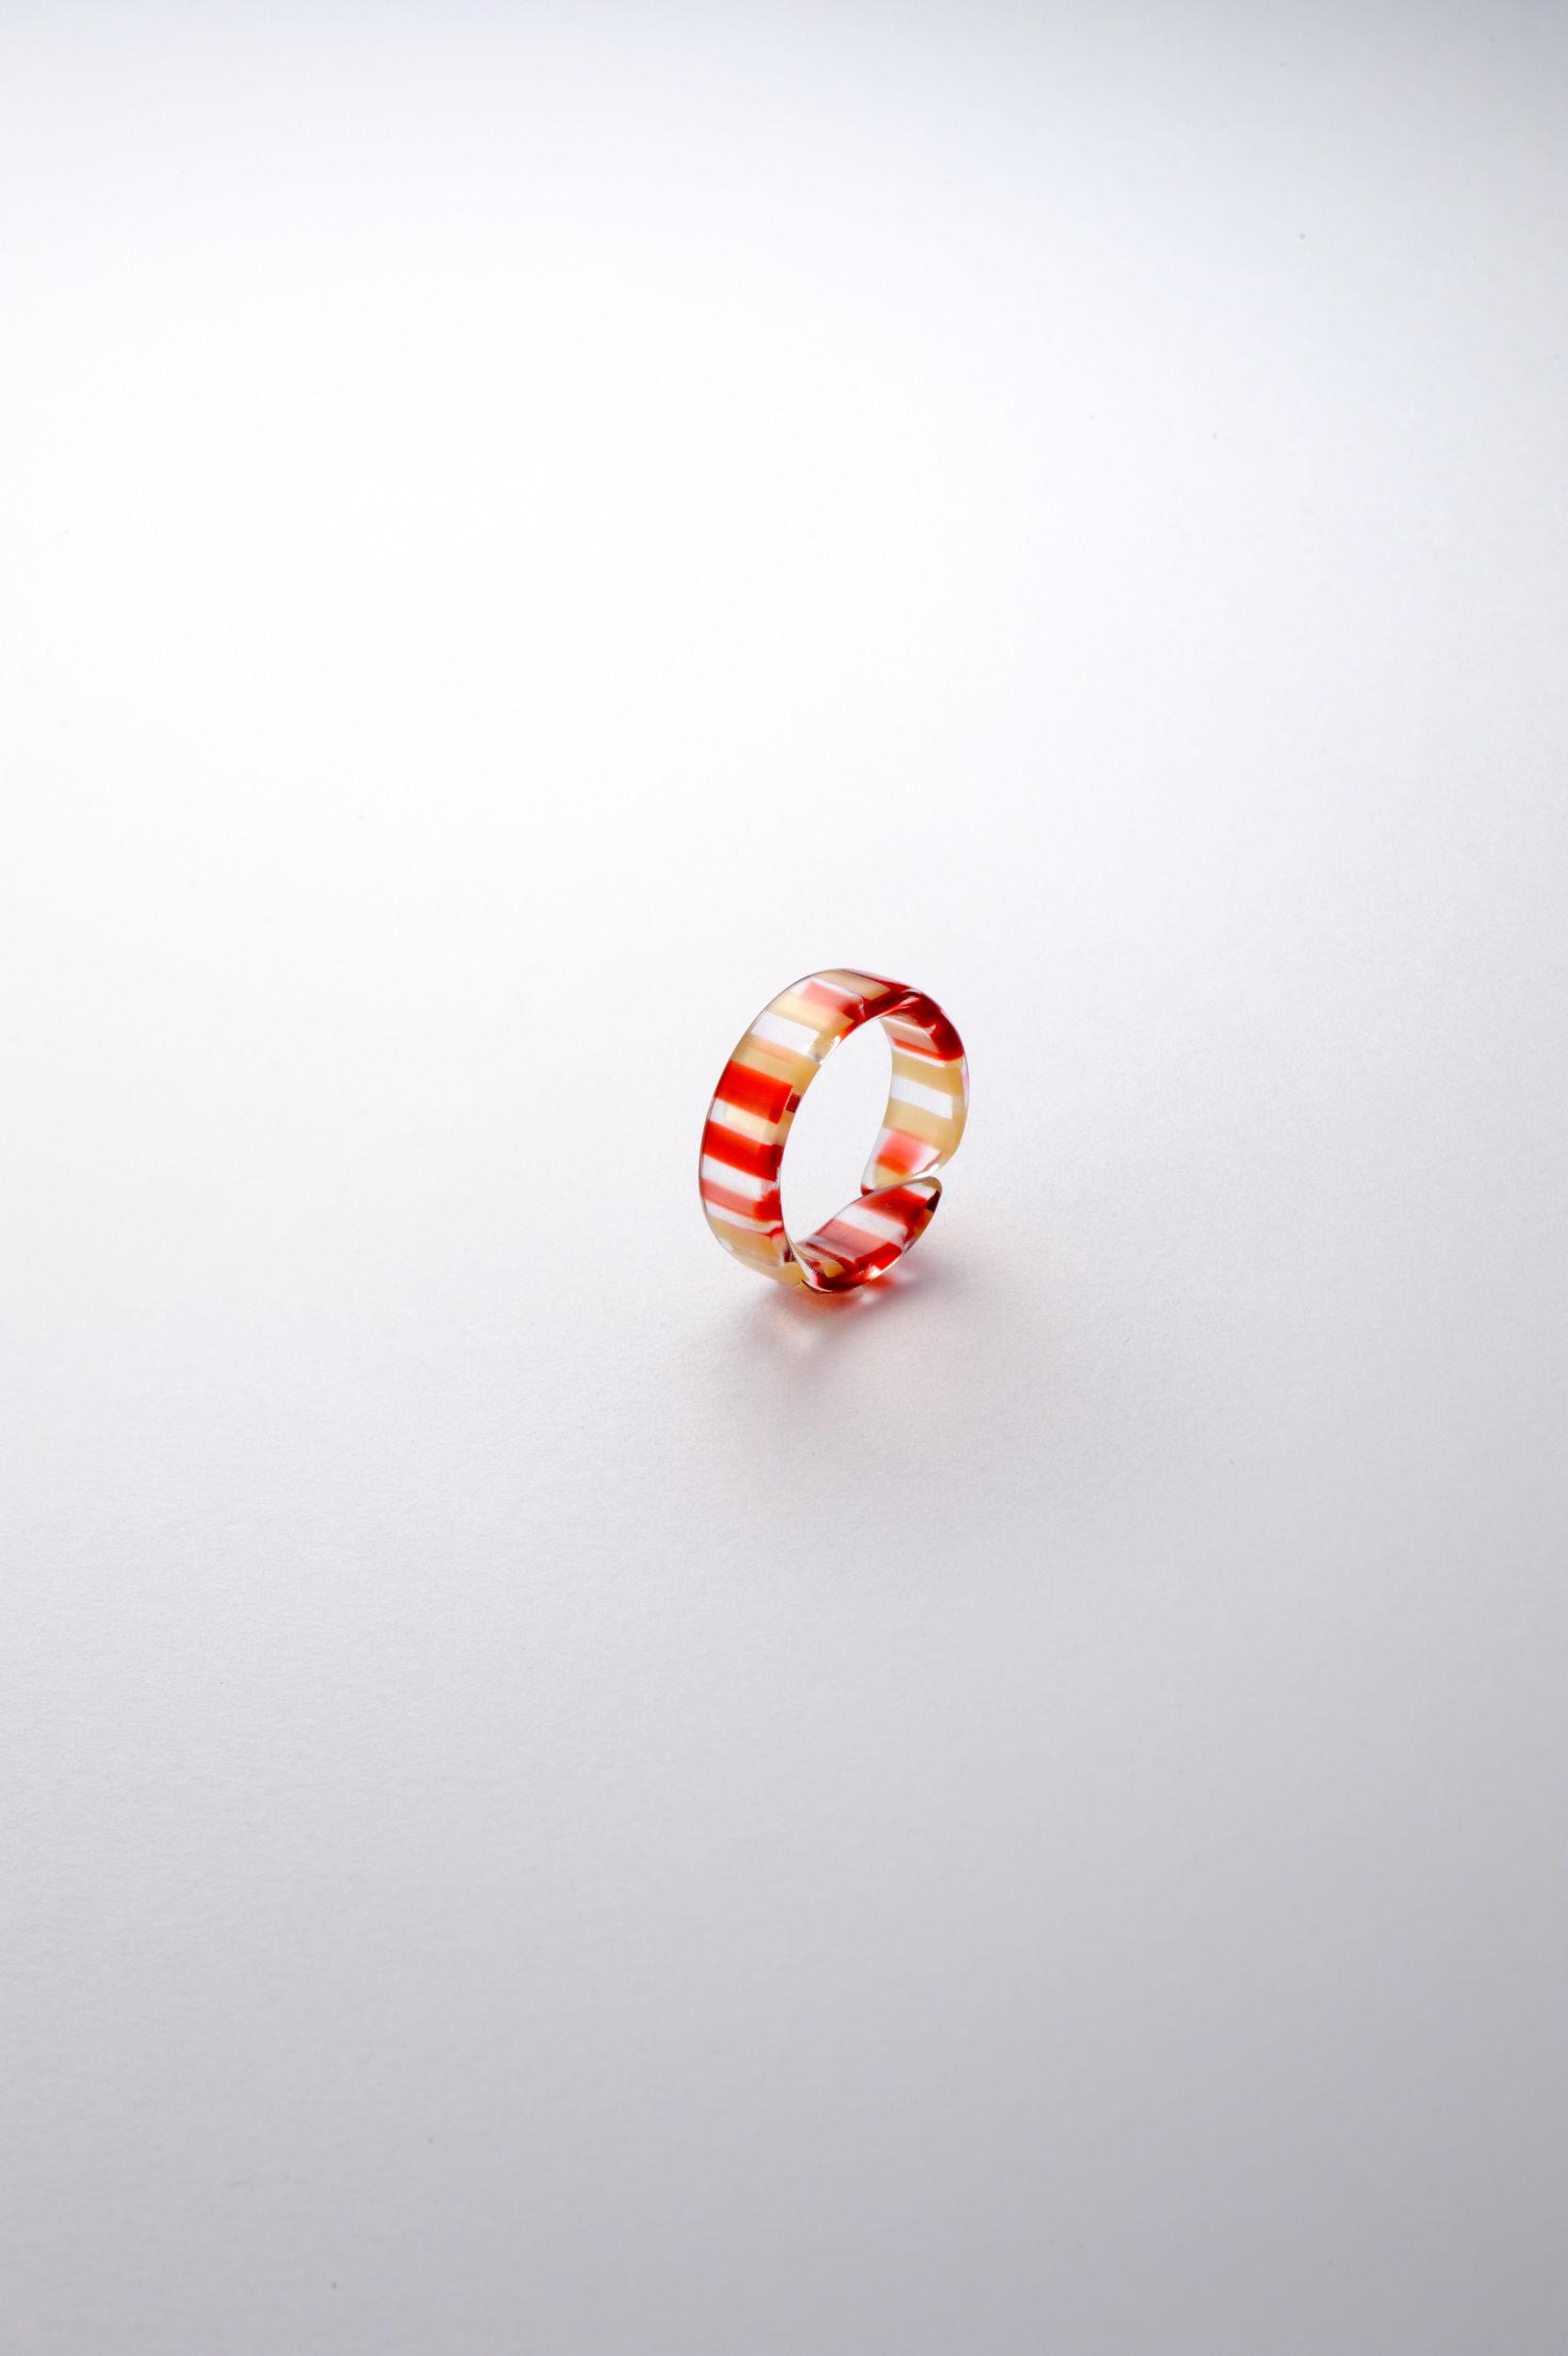 ピンキーリング クリアレッド【KISSO pinkyring 002】